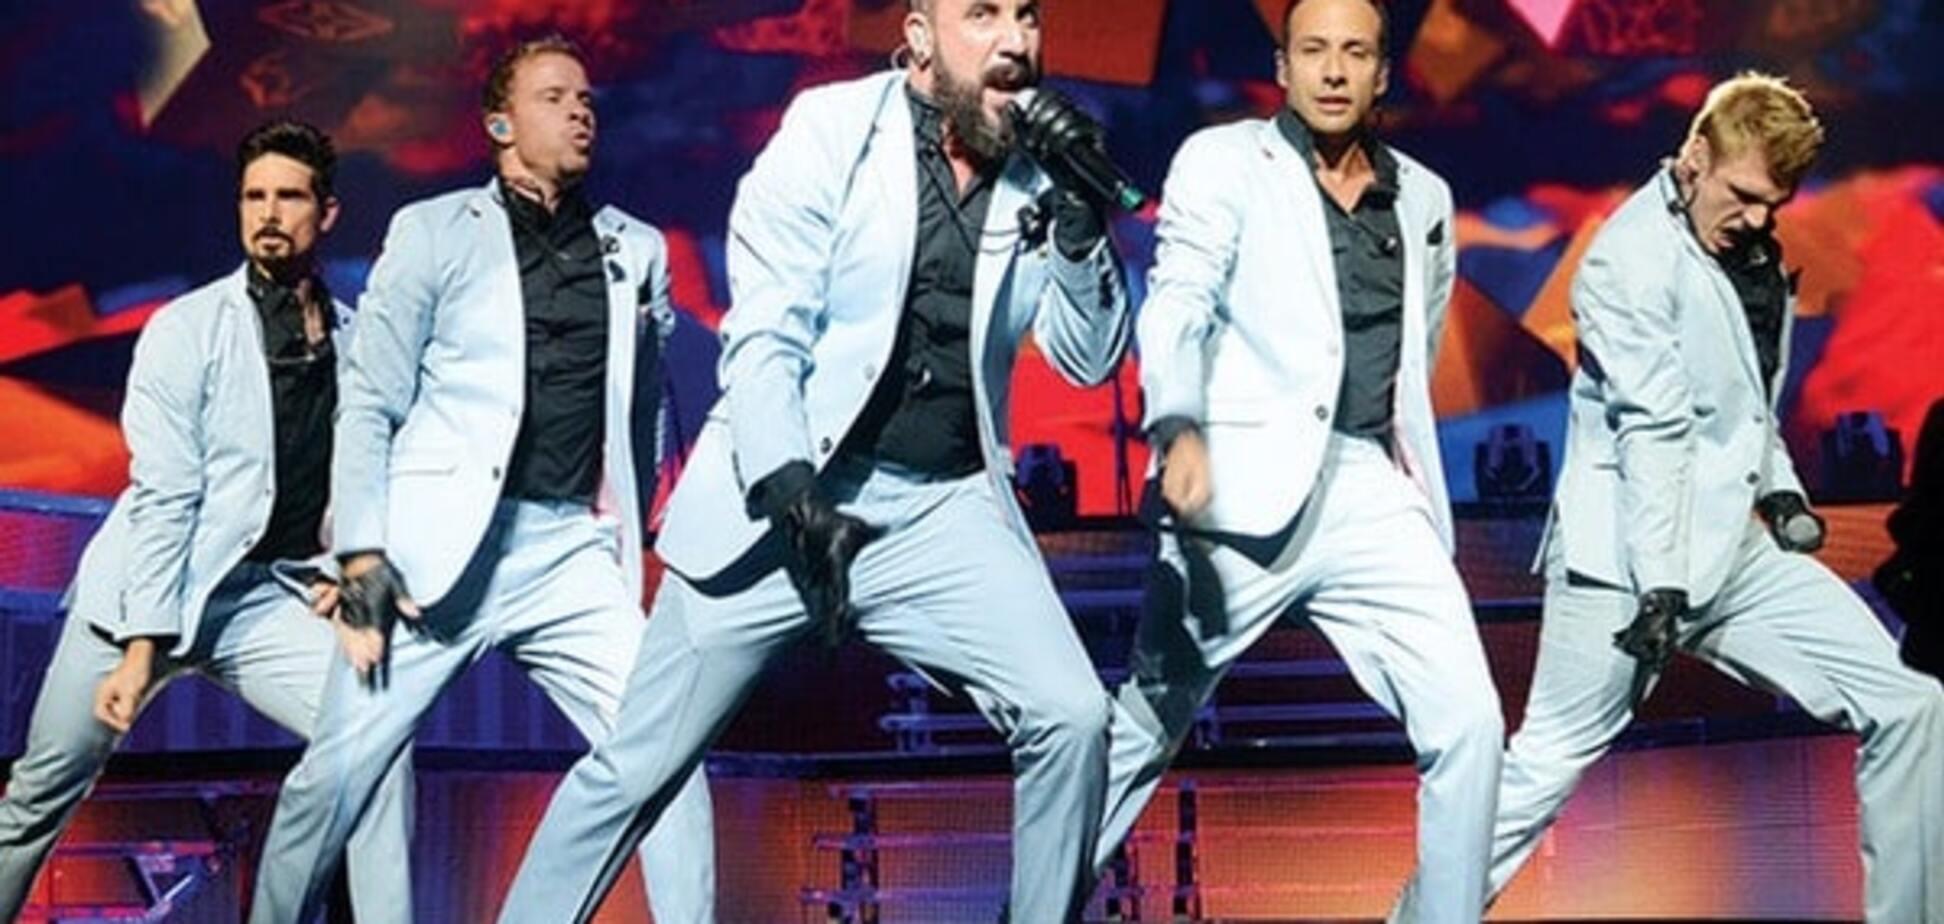 На 42-летии Александра Реввы выступили 'Backstreet Boys' в полном составе